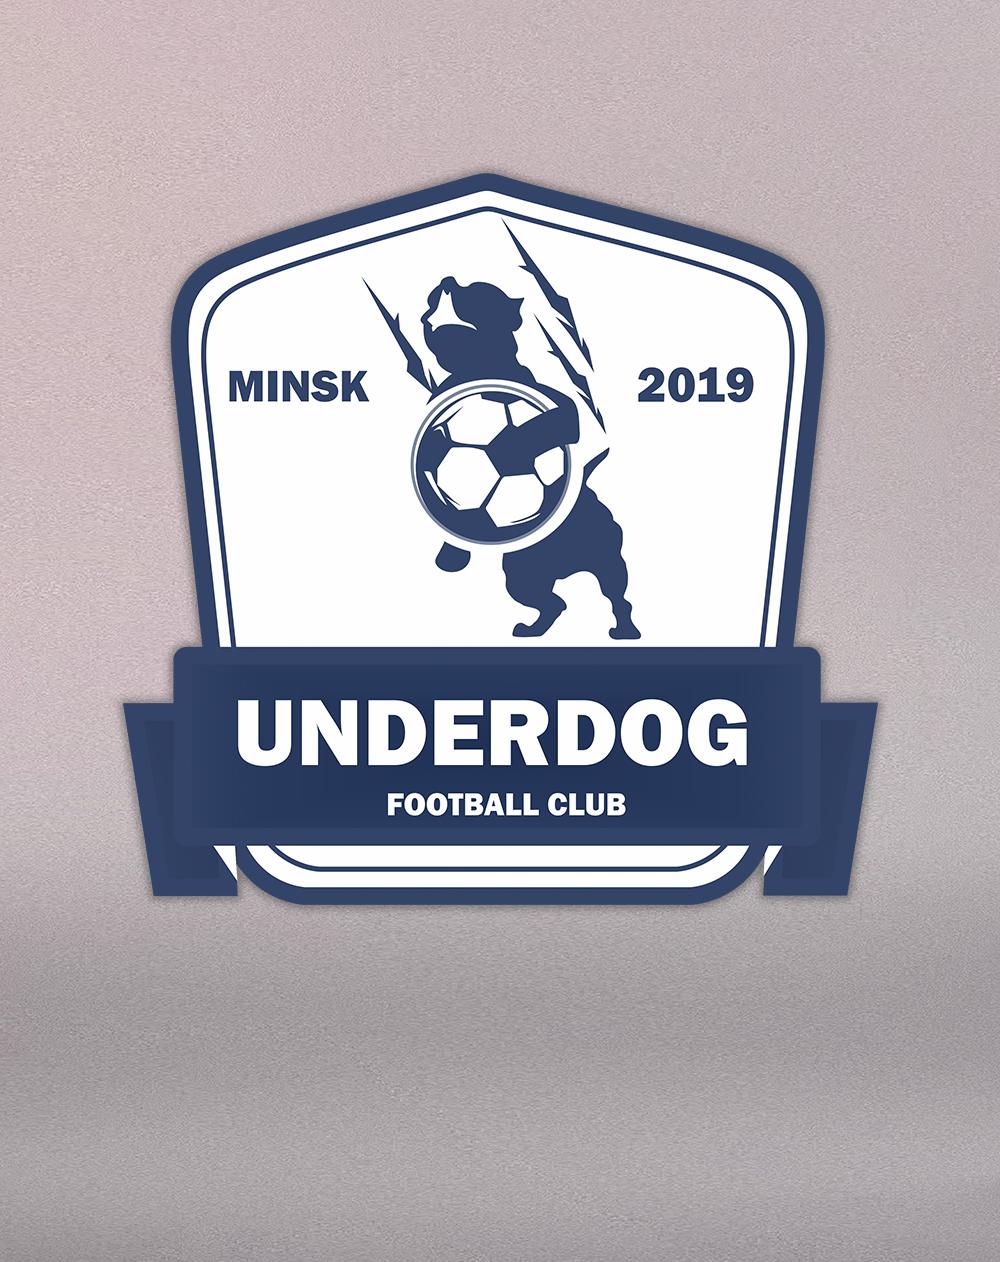 Футбольный клуб UNDERDOG - разработать фирстиль и бренд-бук фото f_3745cb33dbc50891.png